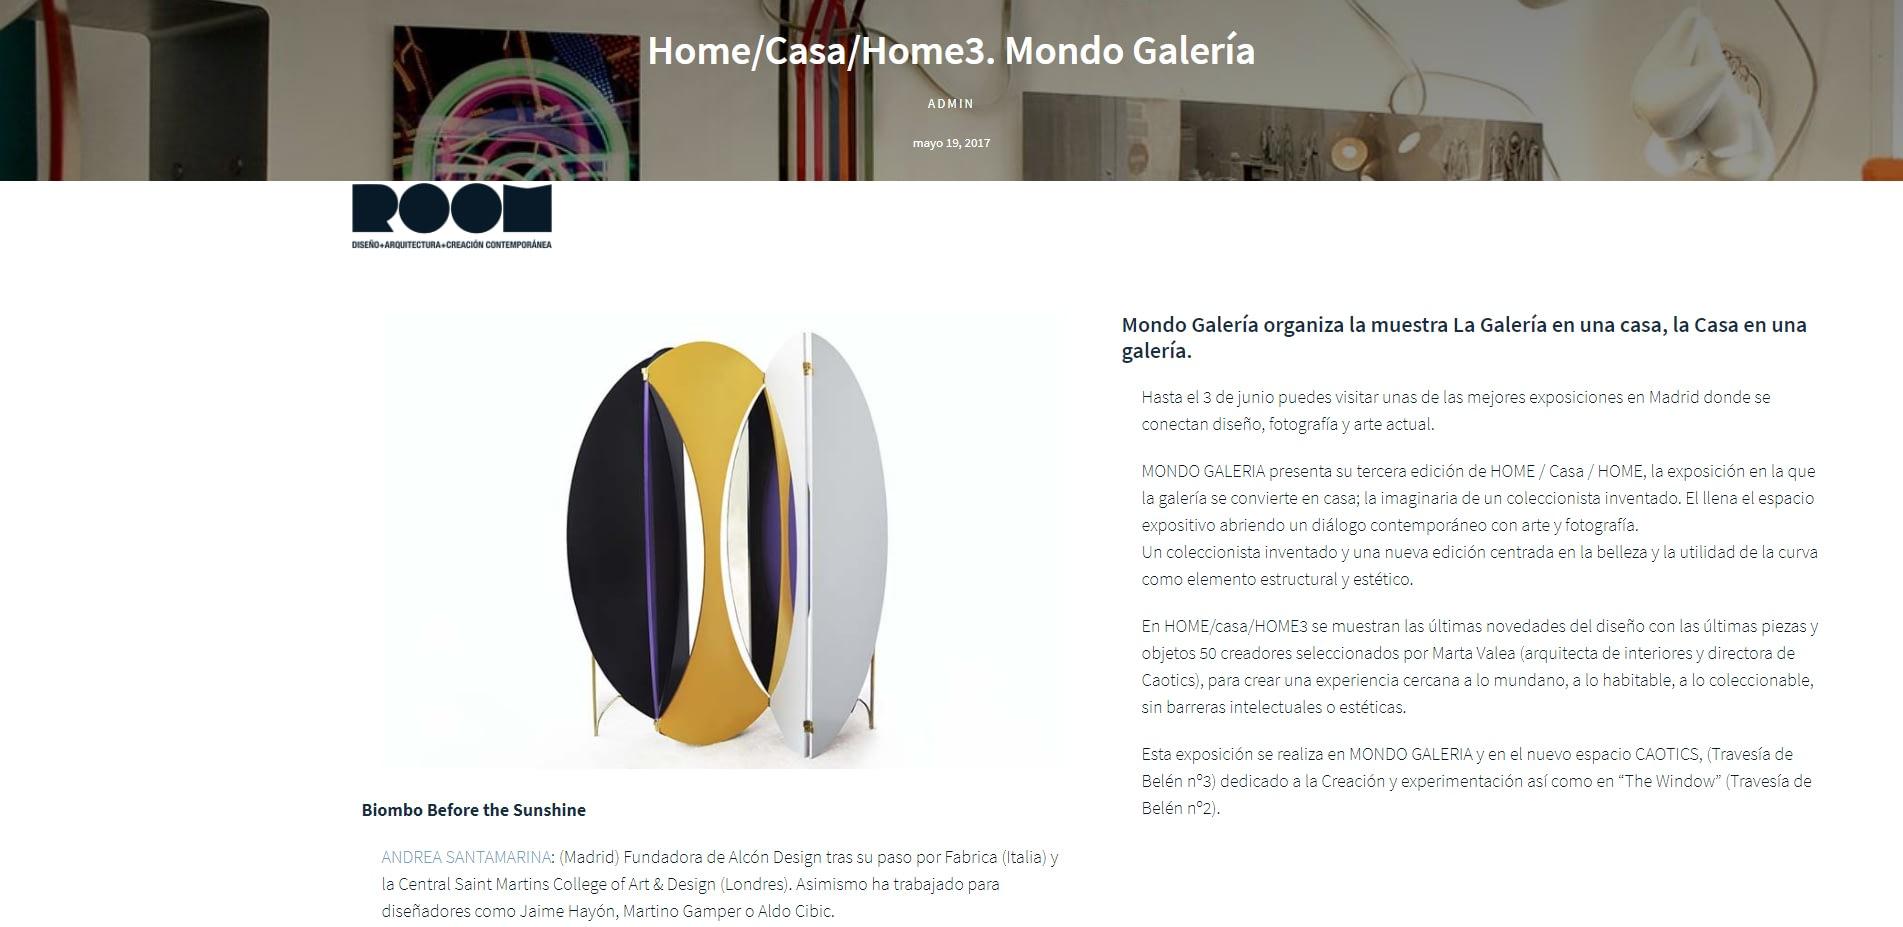 Andrea Santamarina Press web room